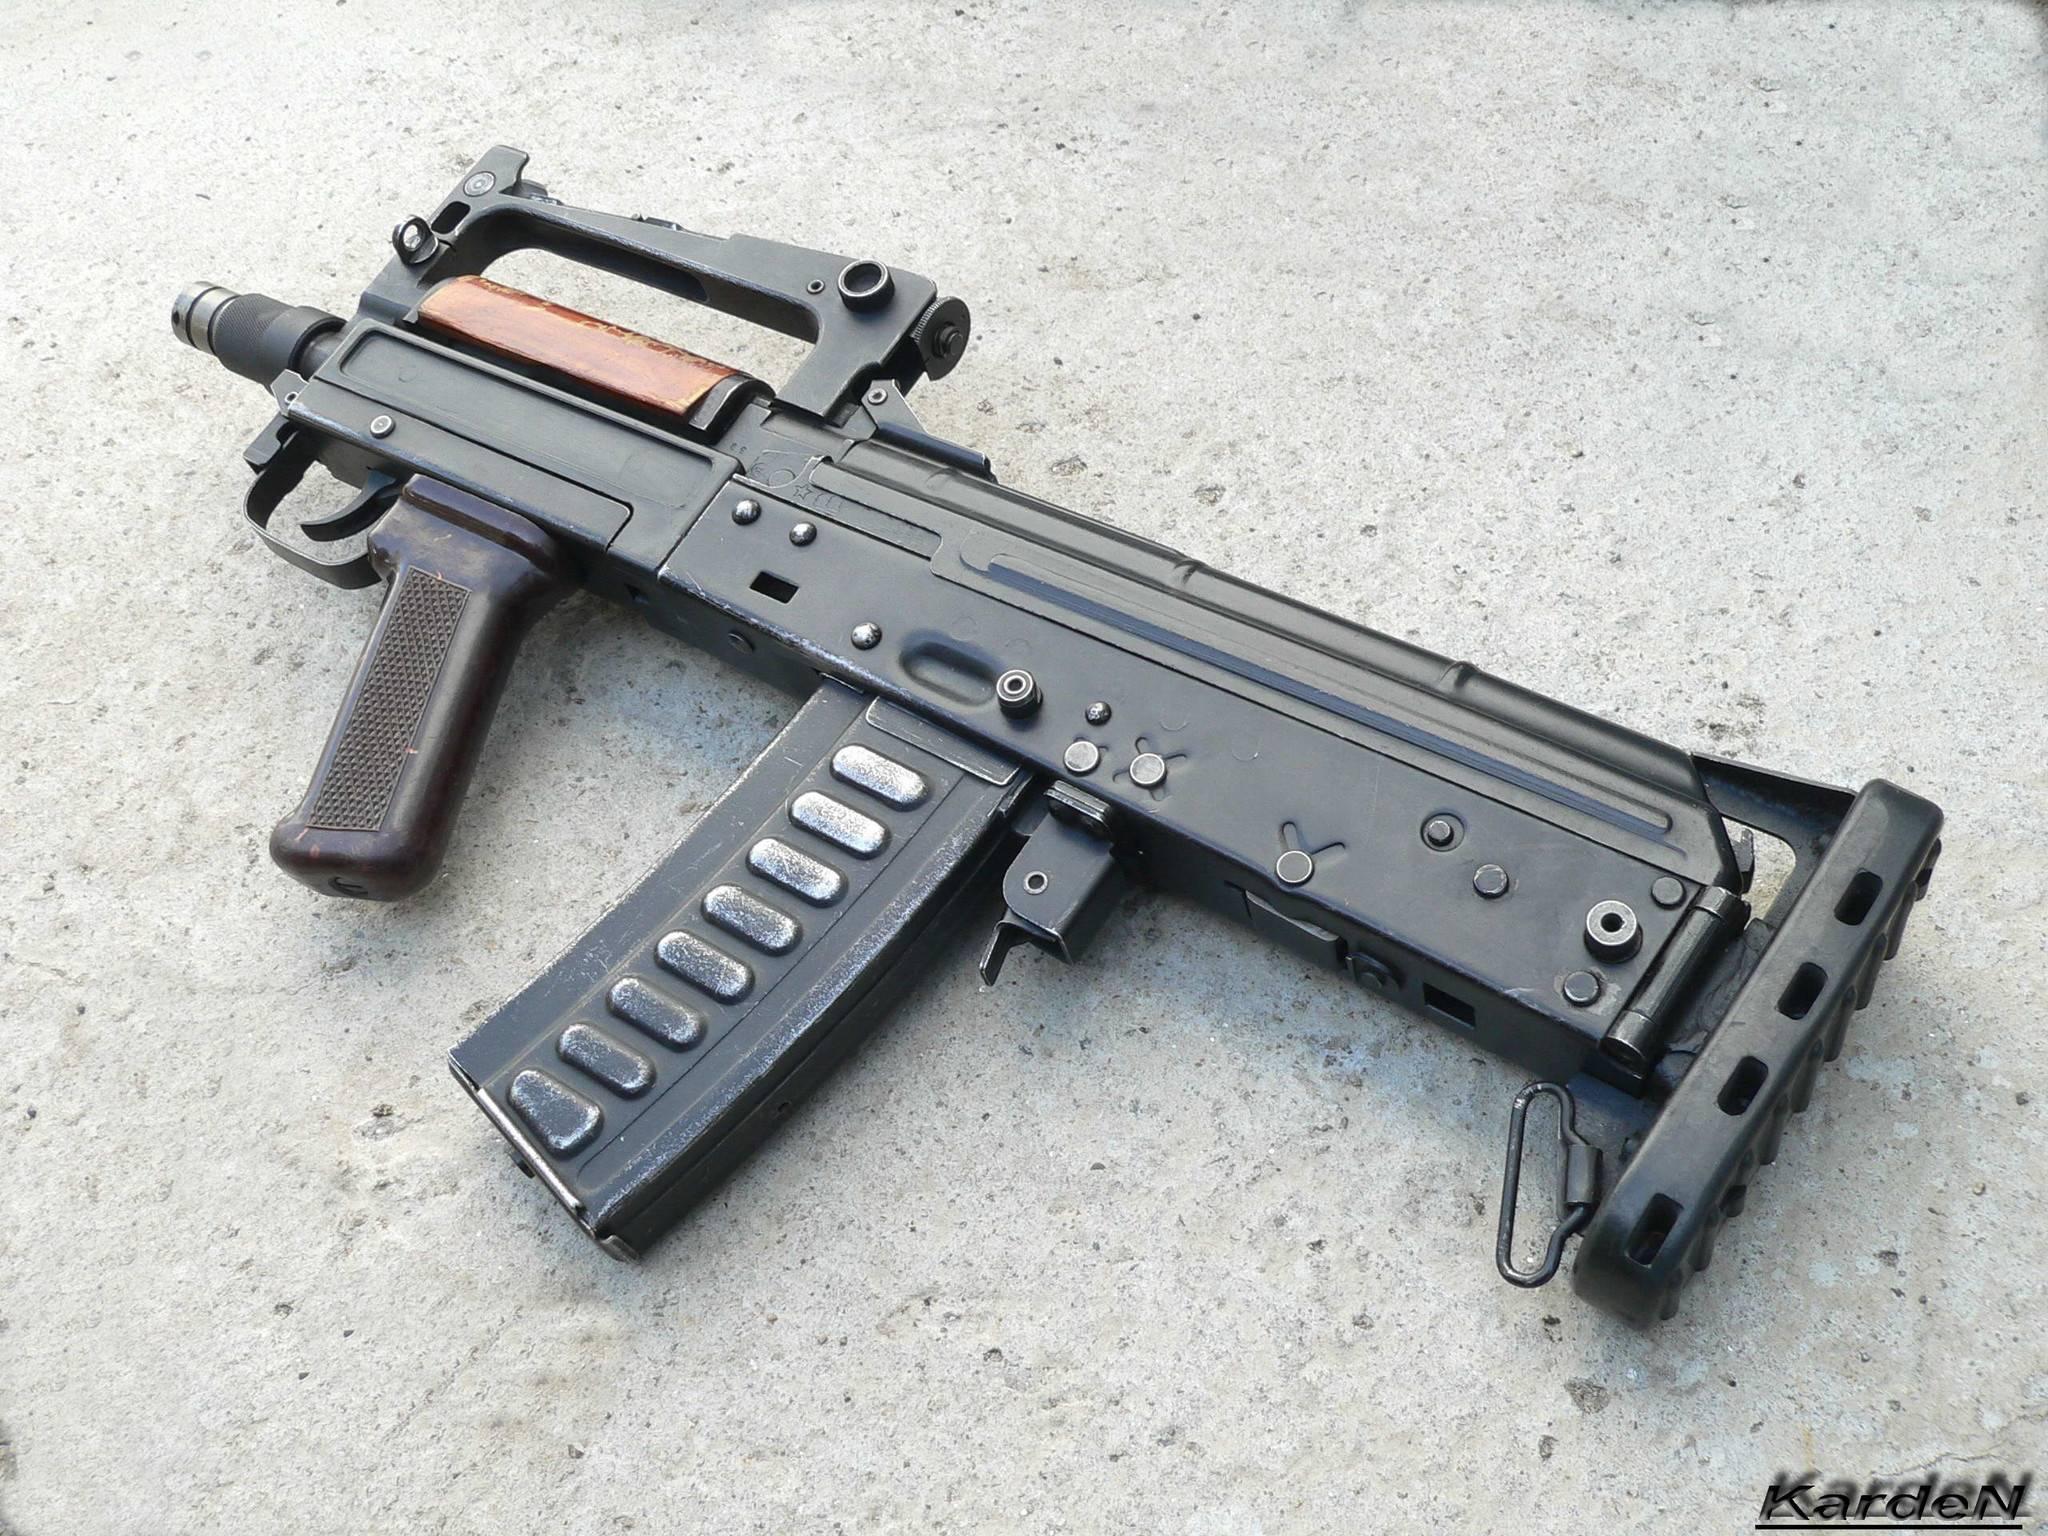 Оружие оц 14. автомат «гроза» – уникальный штурмовой комплекс или пустышка. какие имеются недостатки